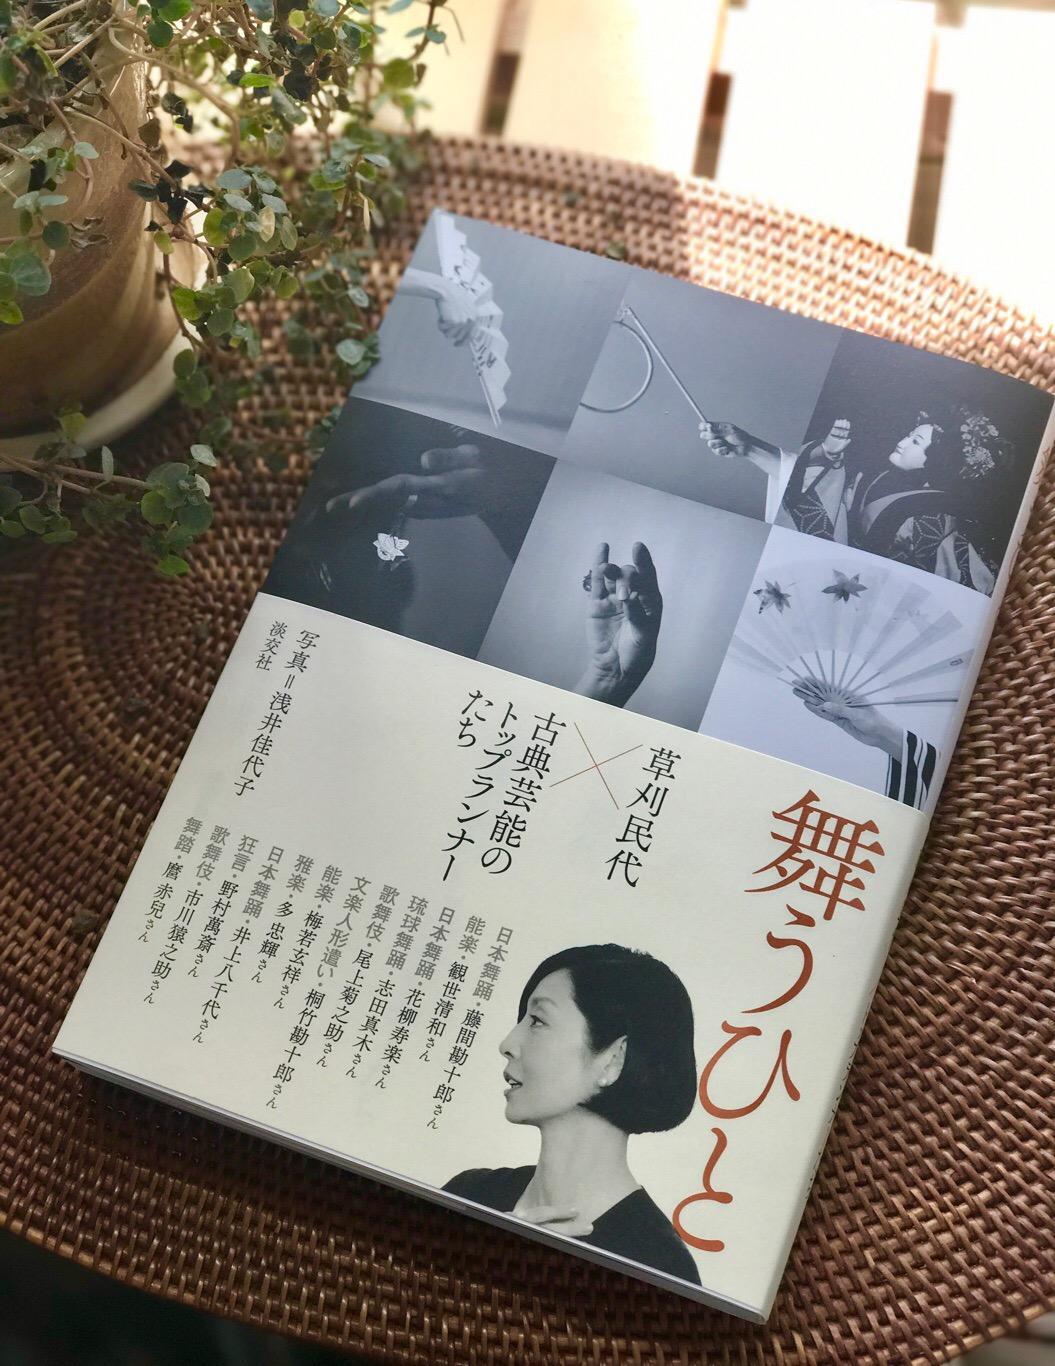 『舞うひと』草刈民代と古典芸能のトップランナーたちの対談本、夢中で読了。